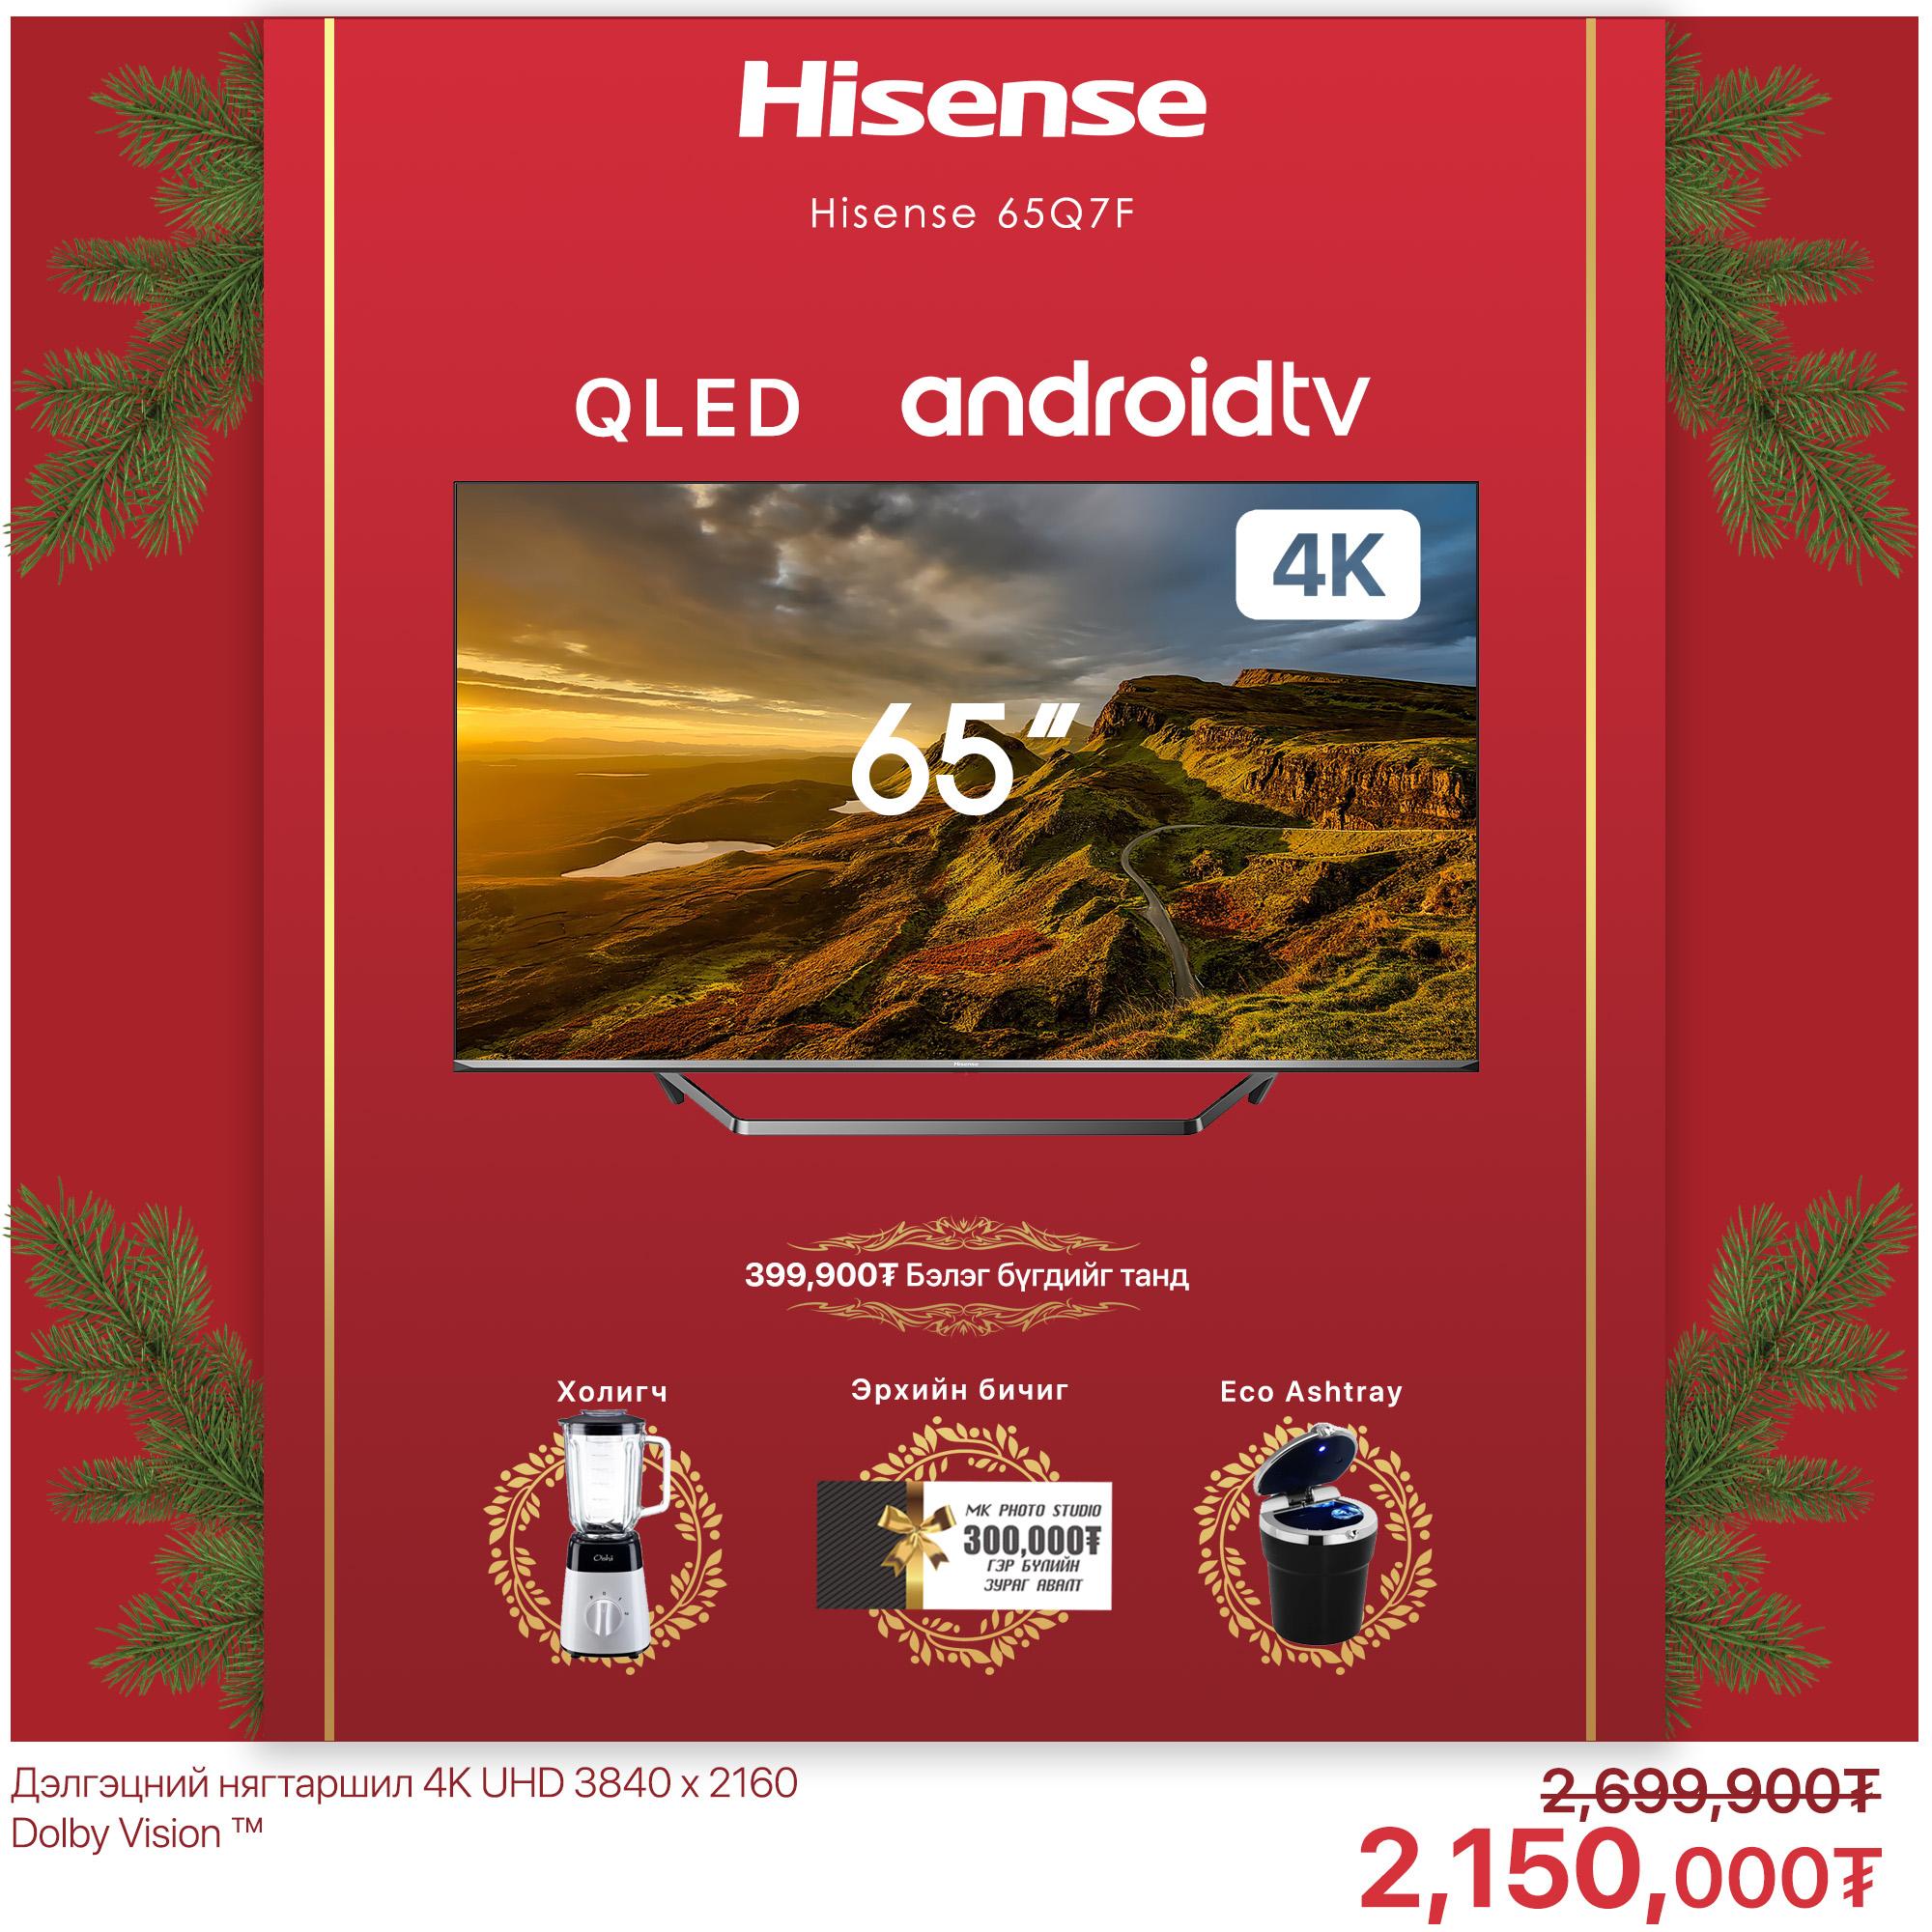 Hisense 65Q7F